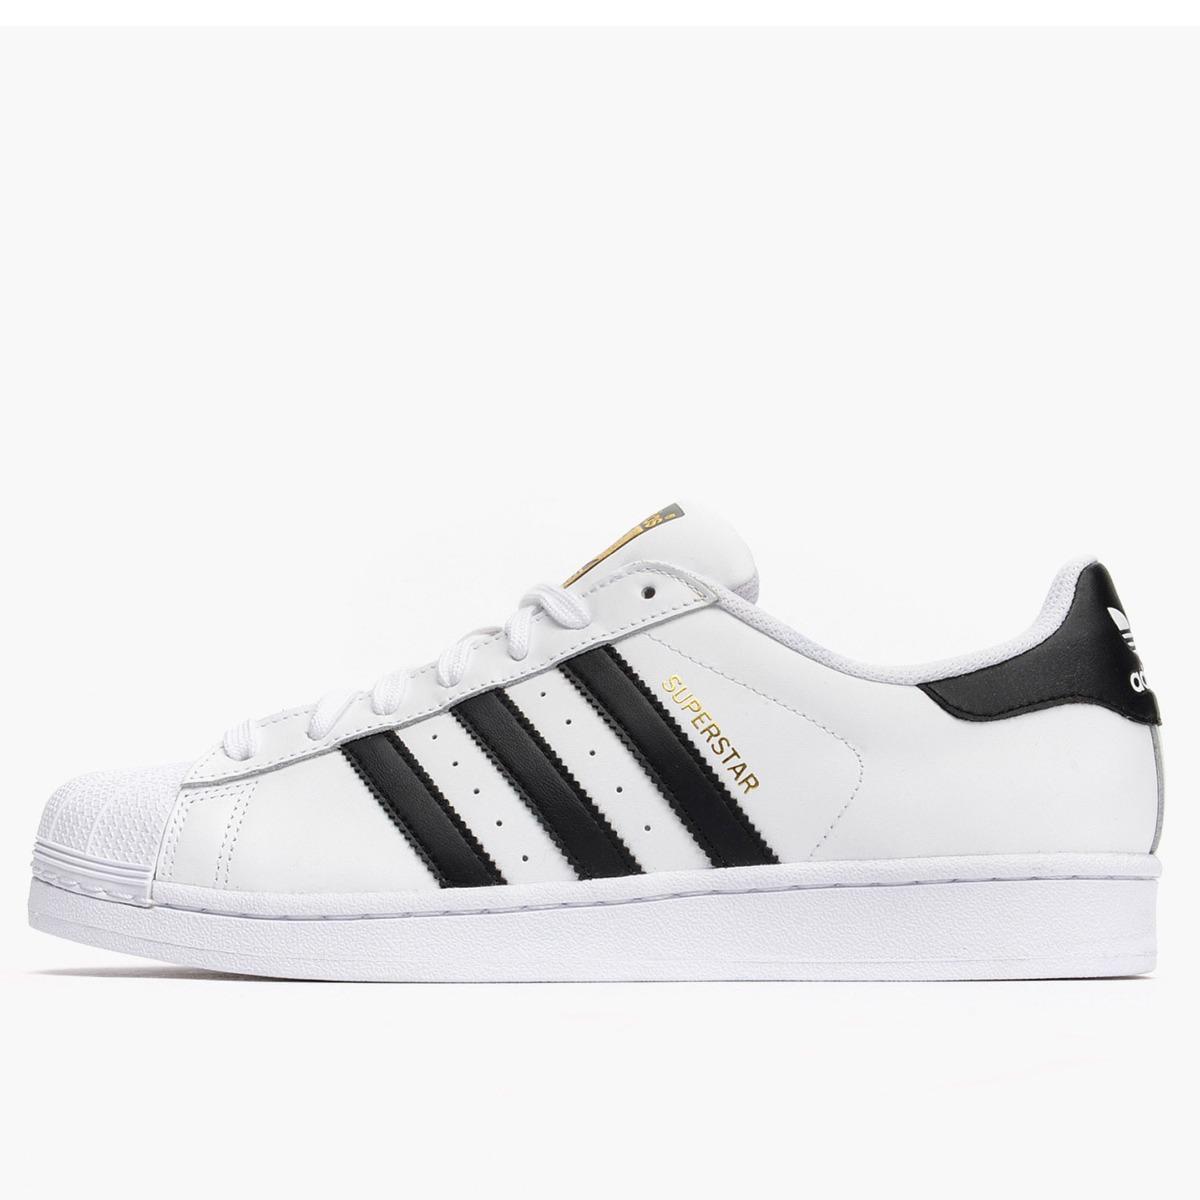 2741cd8e4d1 tênis adidas superstar foundation white   black. Carregando zoom.